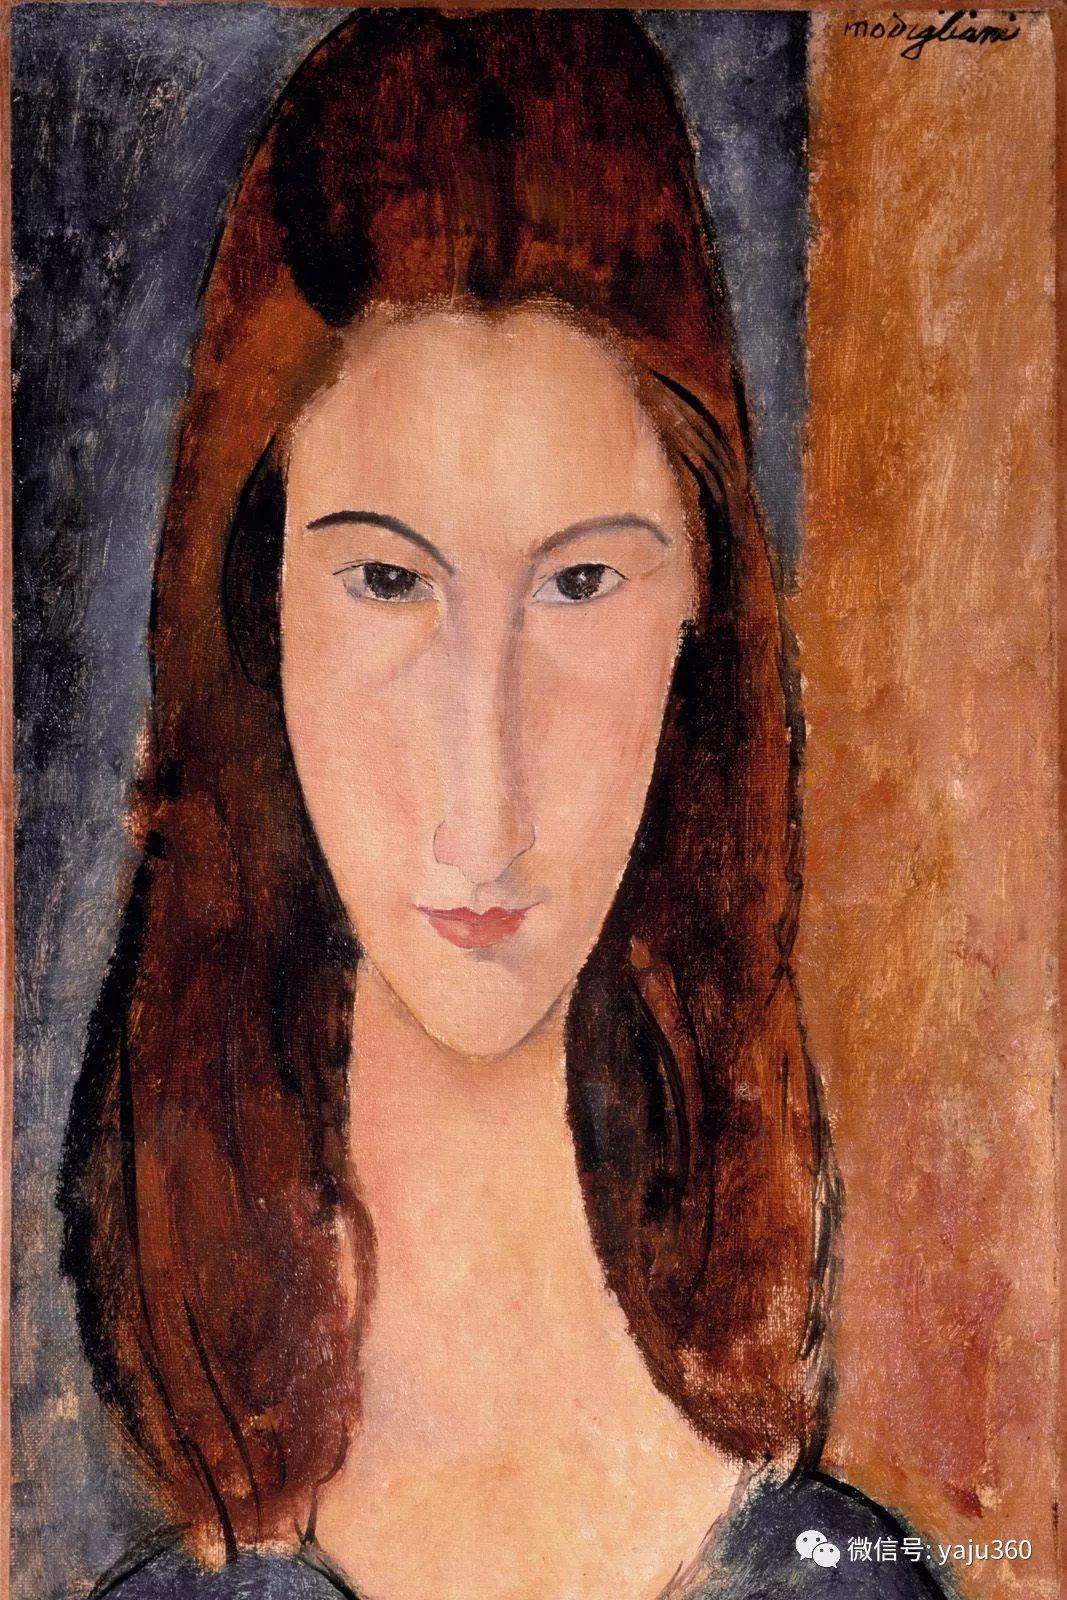 世界著名画家之莫迪利阿尼插图15